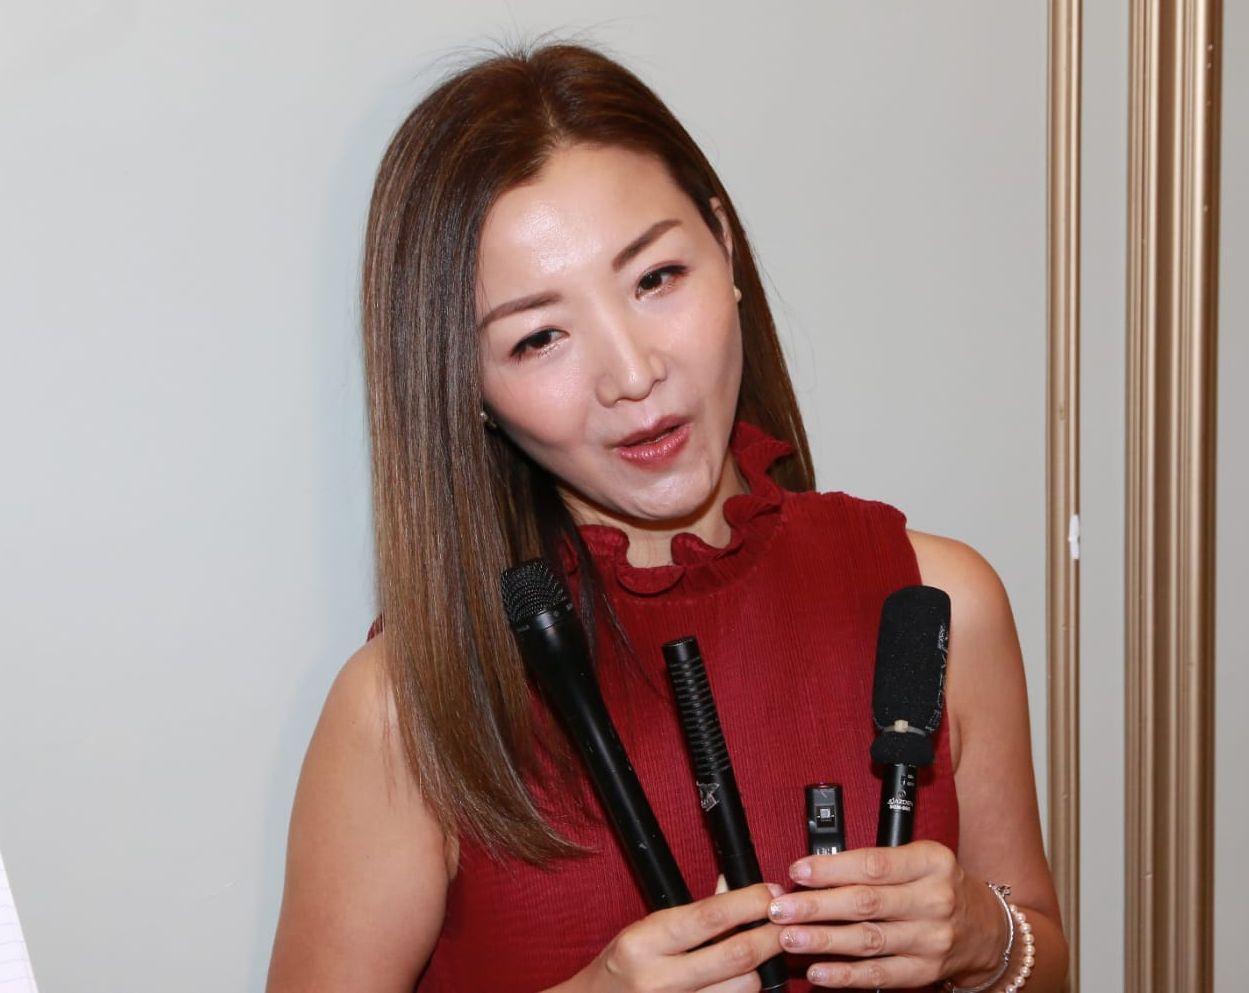 譚嘉荃擔心在緊急情況下全場觀眾離開,她一個人在台上不知如何是好。